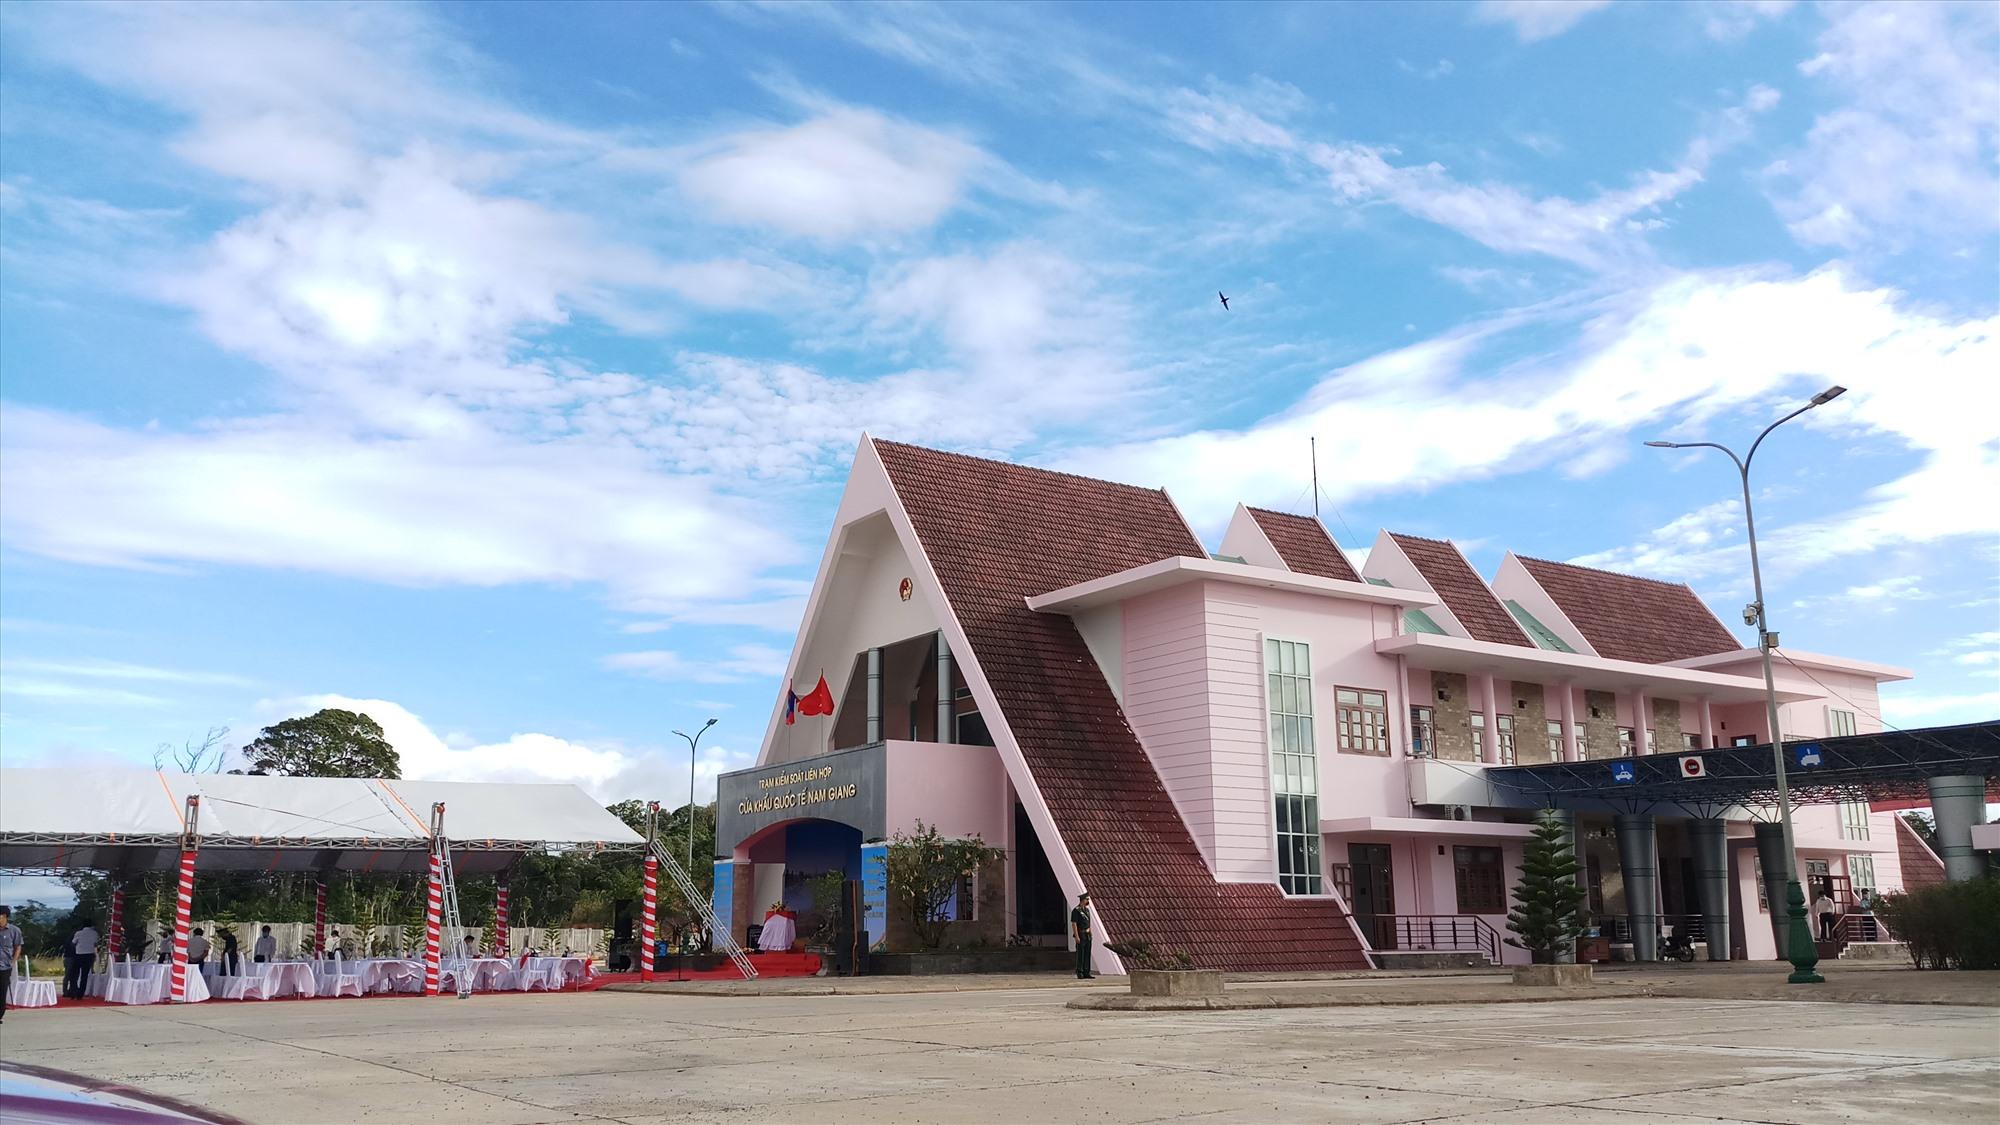 Công bố khai trương cặp Cửa khẩu quốc tế Nam Giang - Đắc Tà Oọc